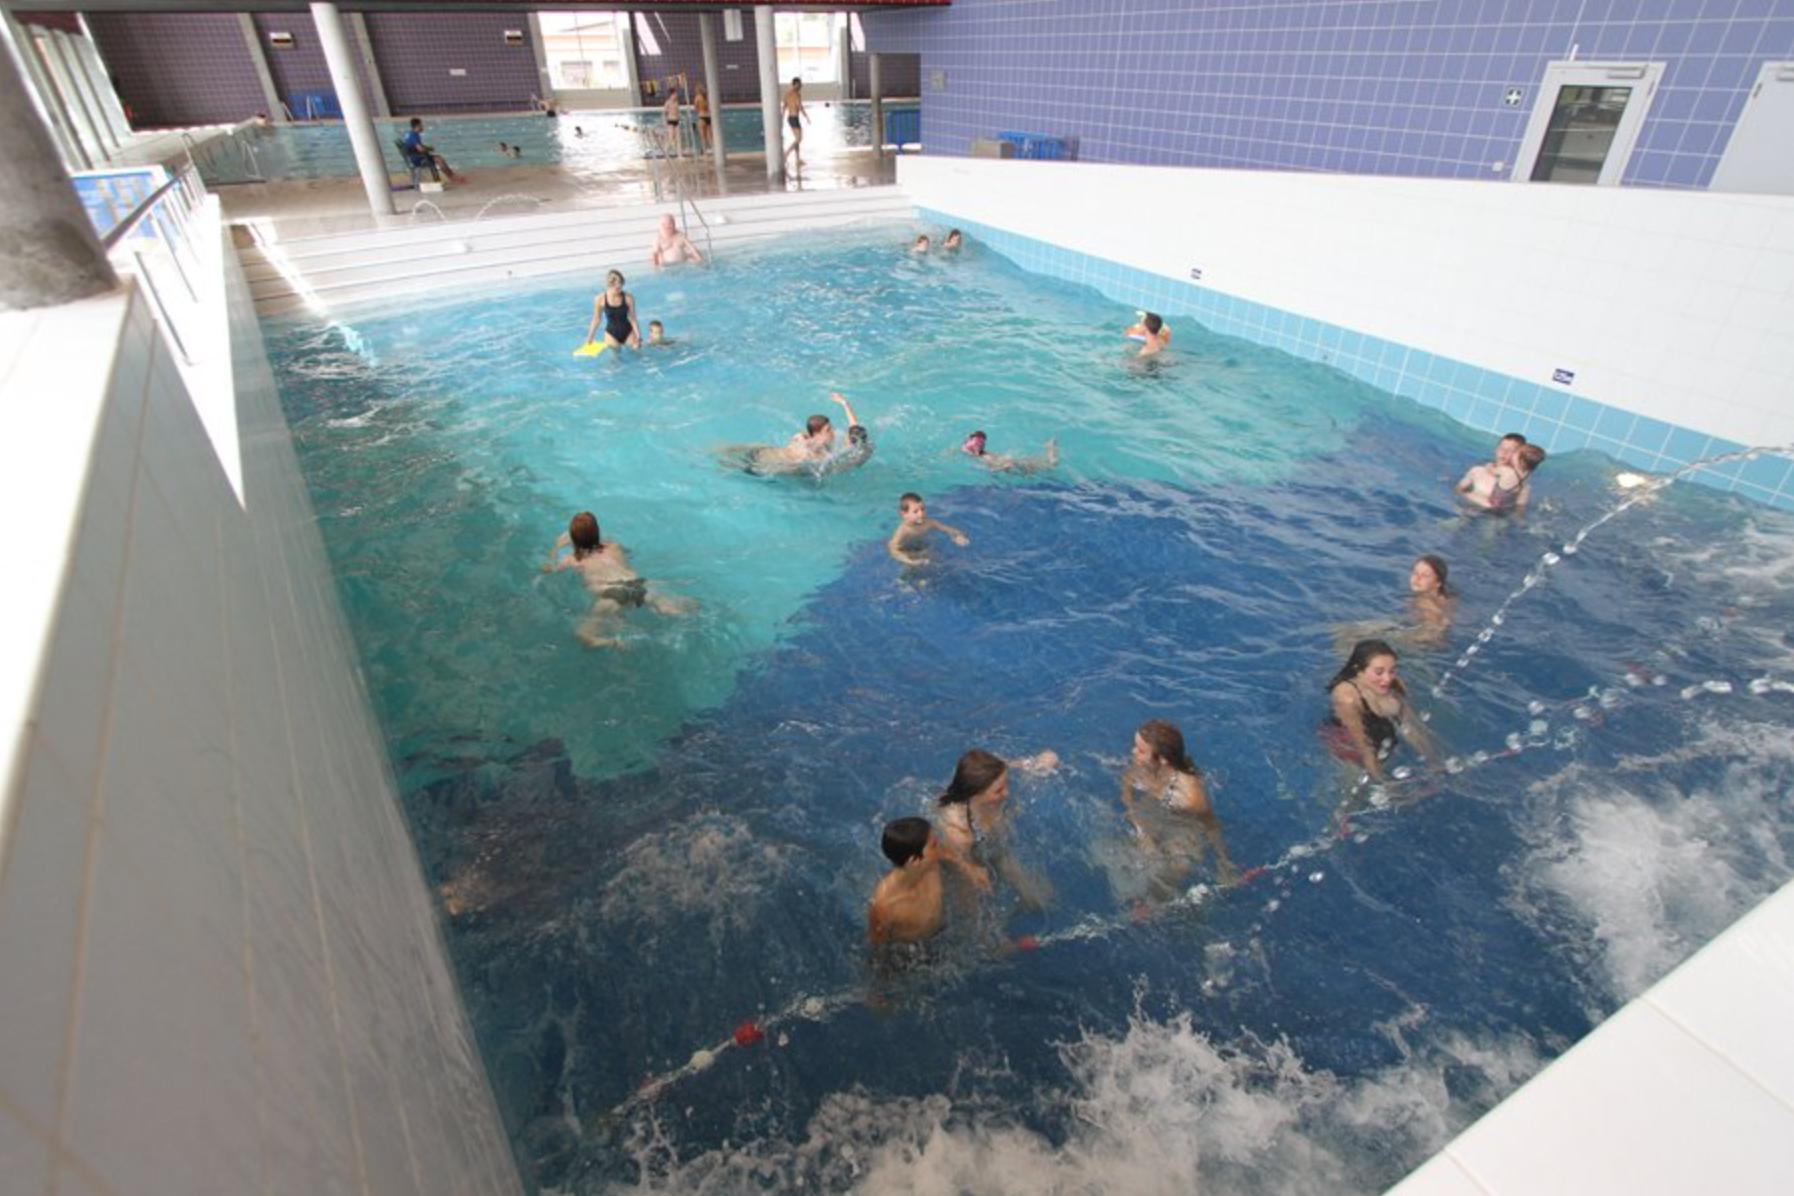 Accueil - Le Point D'eau : Centre Aquatique Sportif Et De ... tout Horaire Piscine Petit Port